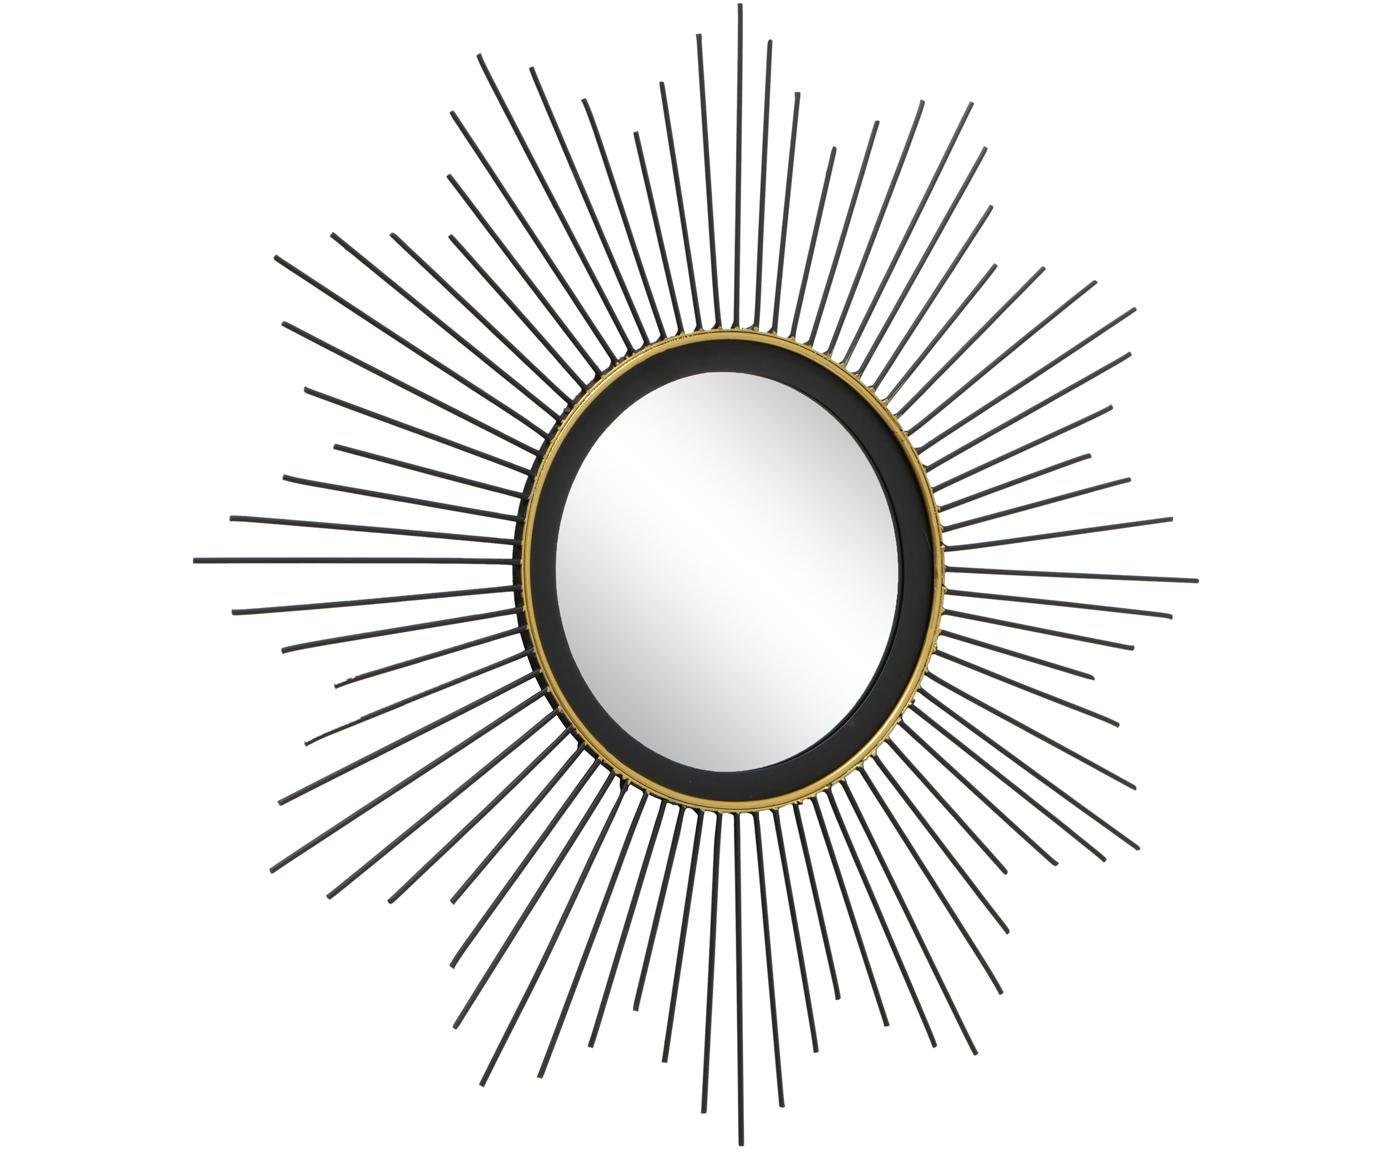 Specchio da parete rotondo Yoko, Metallo, lastra di vetro, Nero, Ø 50 cm